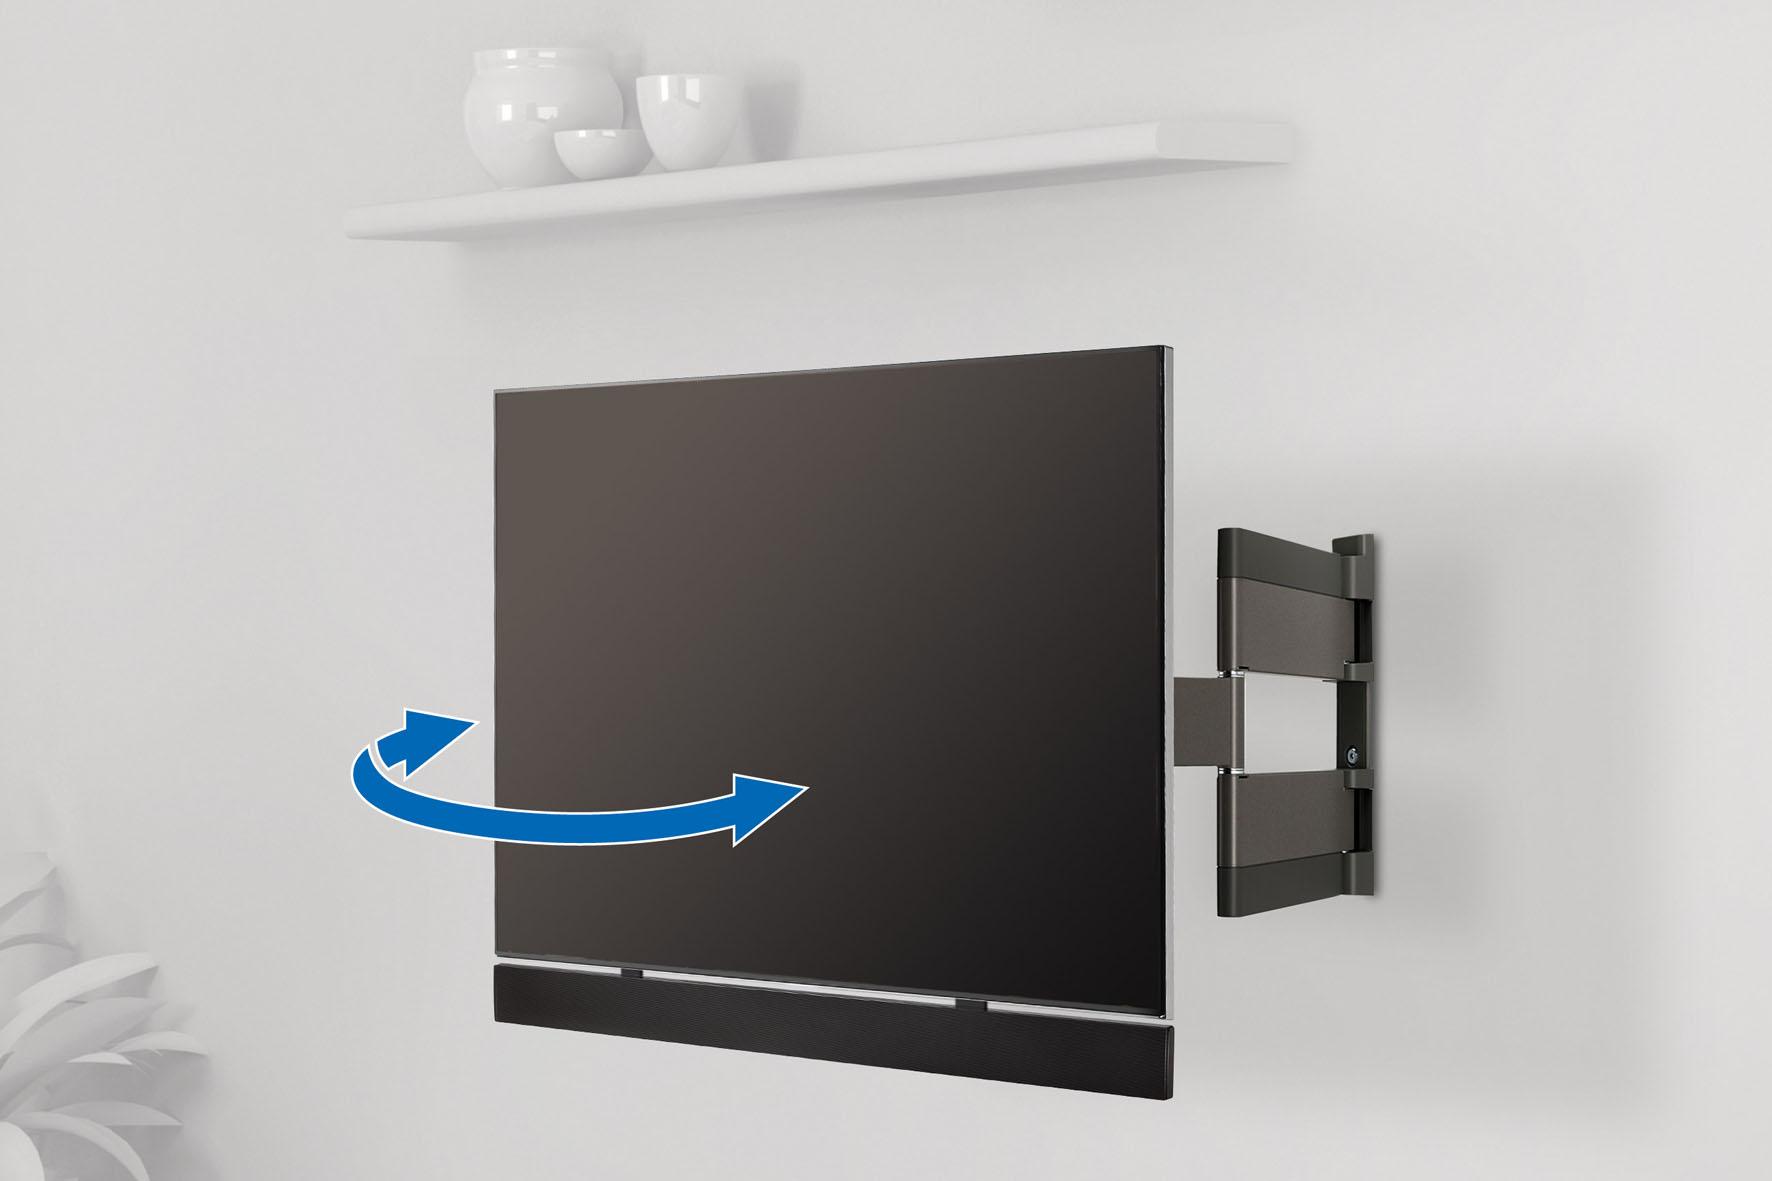 beste sicht beim private viewing auf den xxl bildschirm. Black Bedroom Furniture Sets. Home Design Ideas